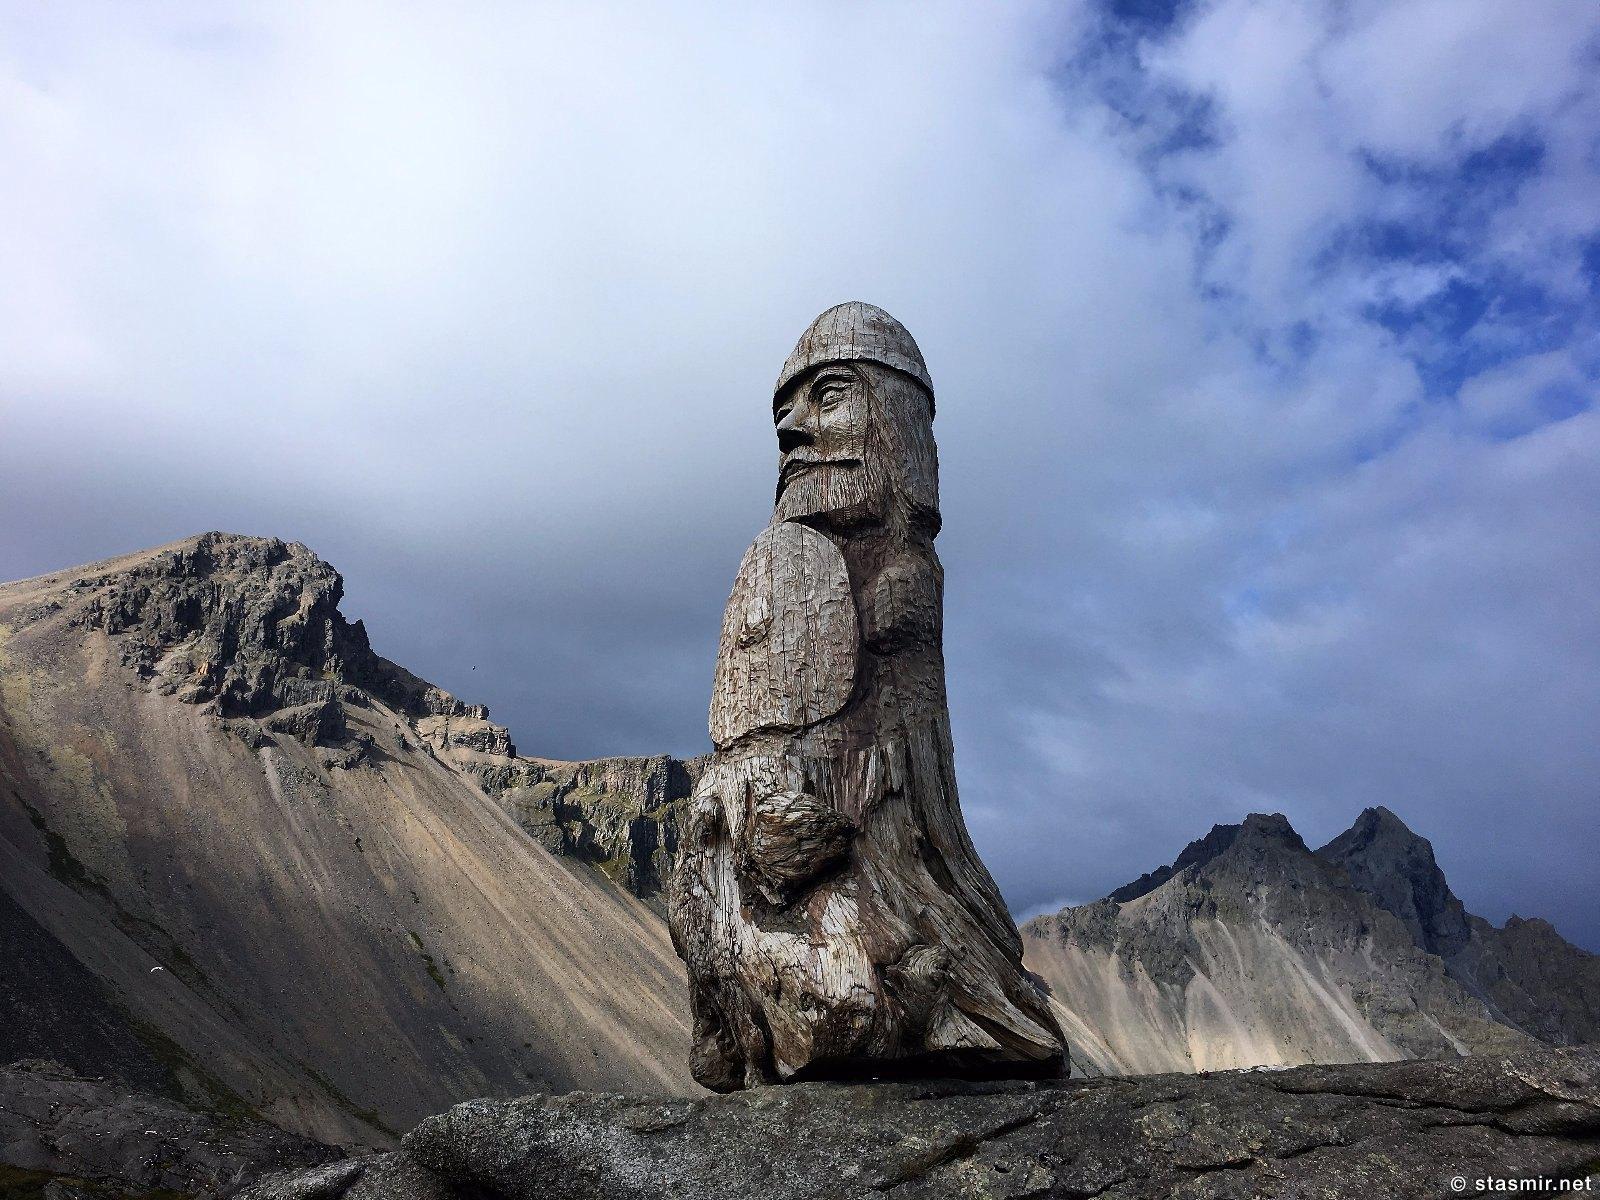 идол в деревне викингов в Исландии на площадке съемки голливудского фильма, фото Стасмир, photo Stasmir